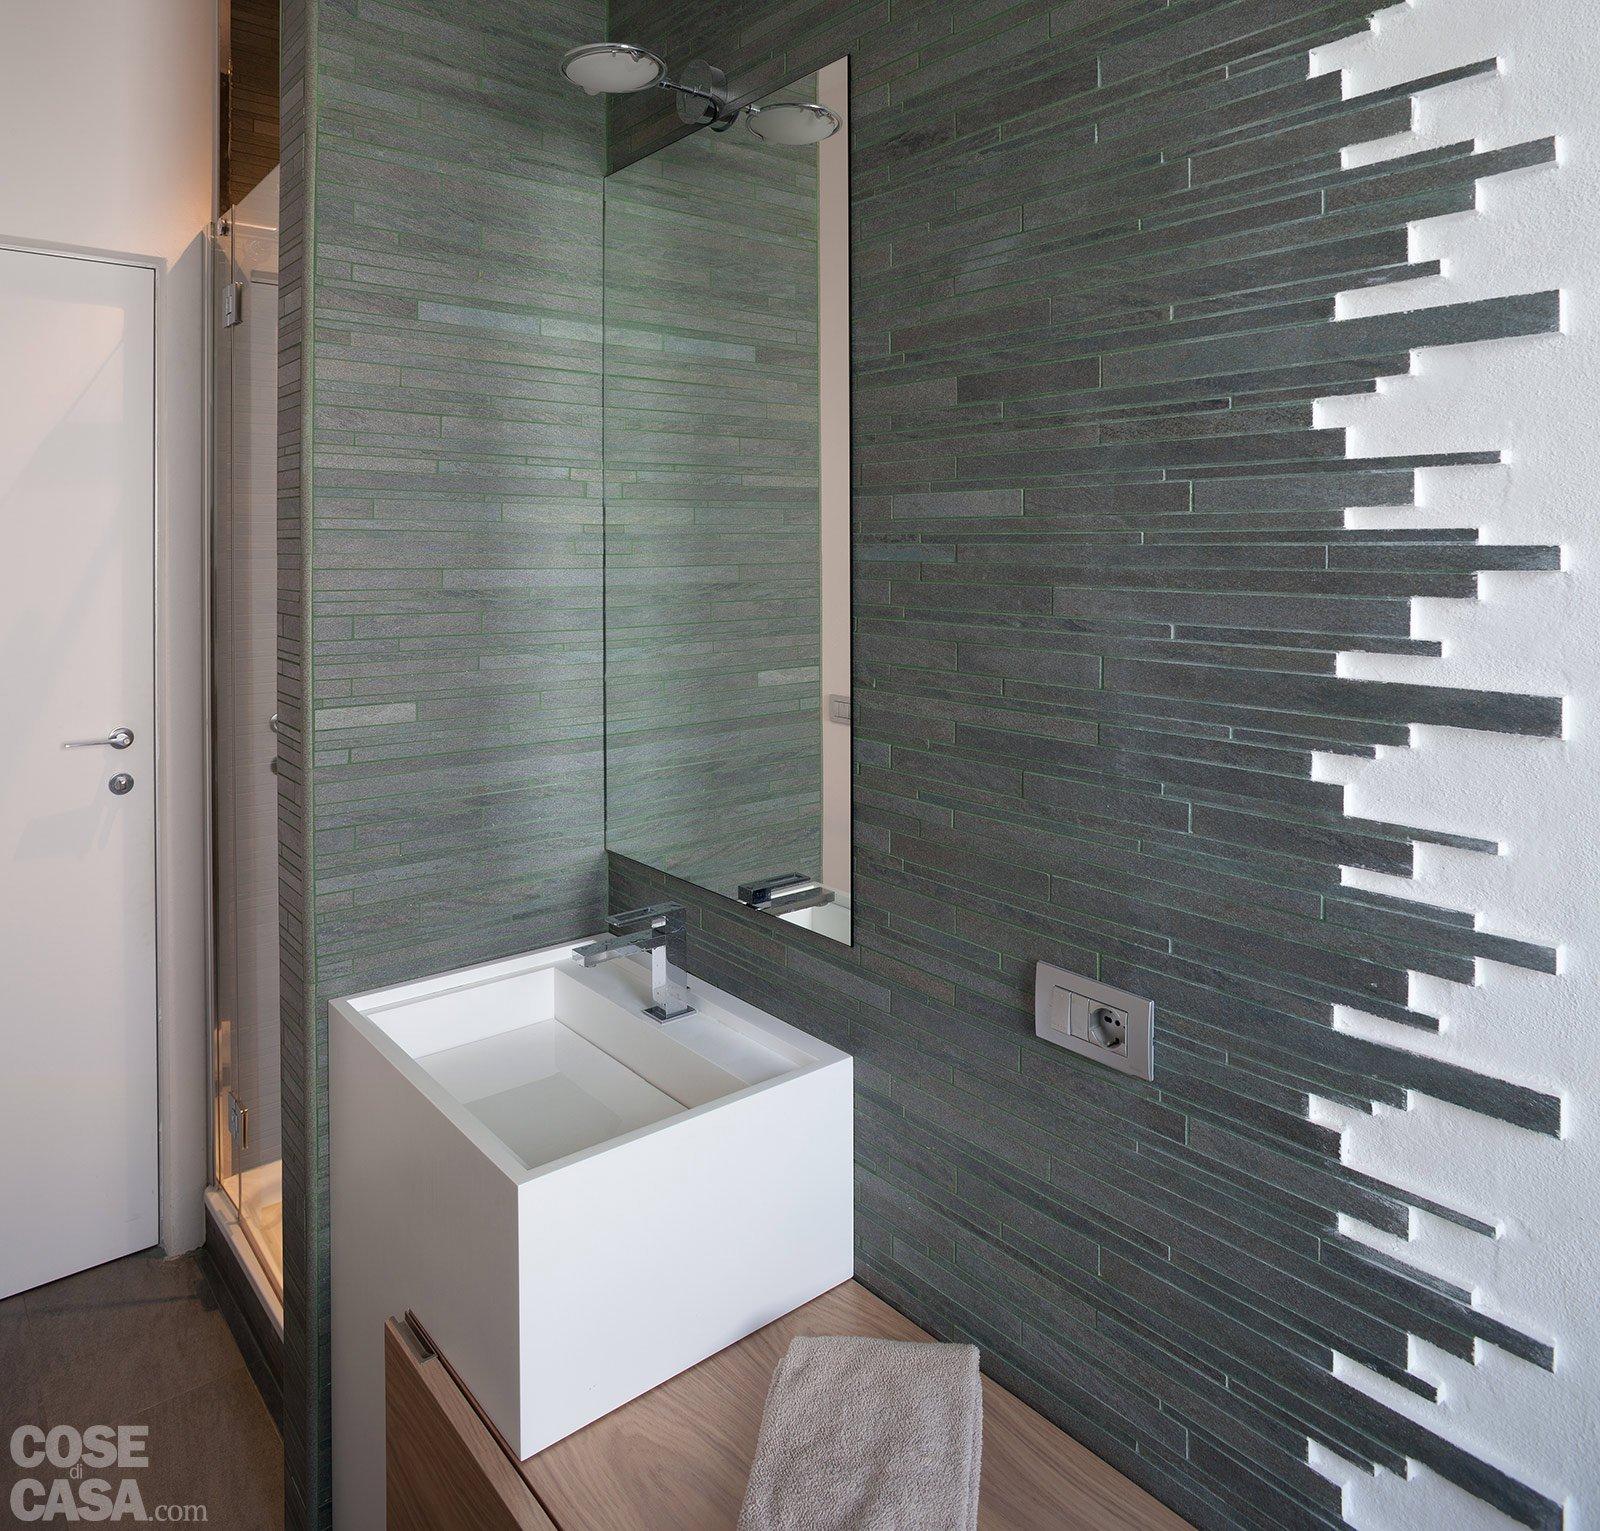 Rivestimenti bagno listelli: listelli decorativi per piastrelle.